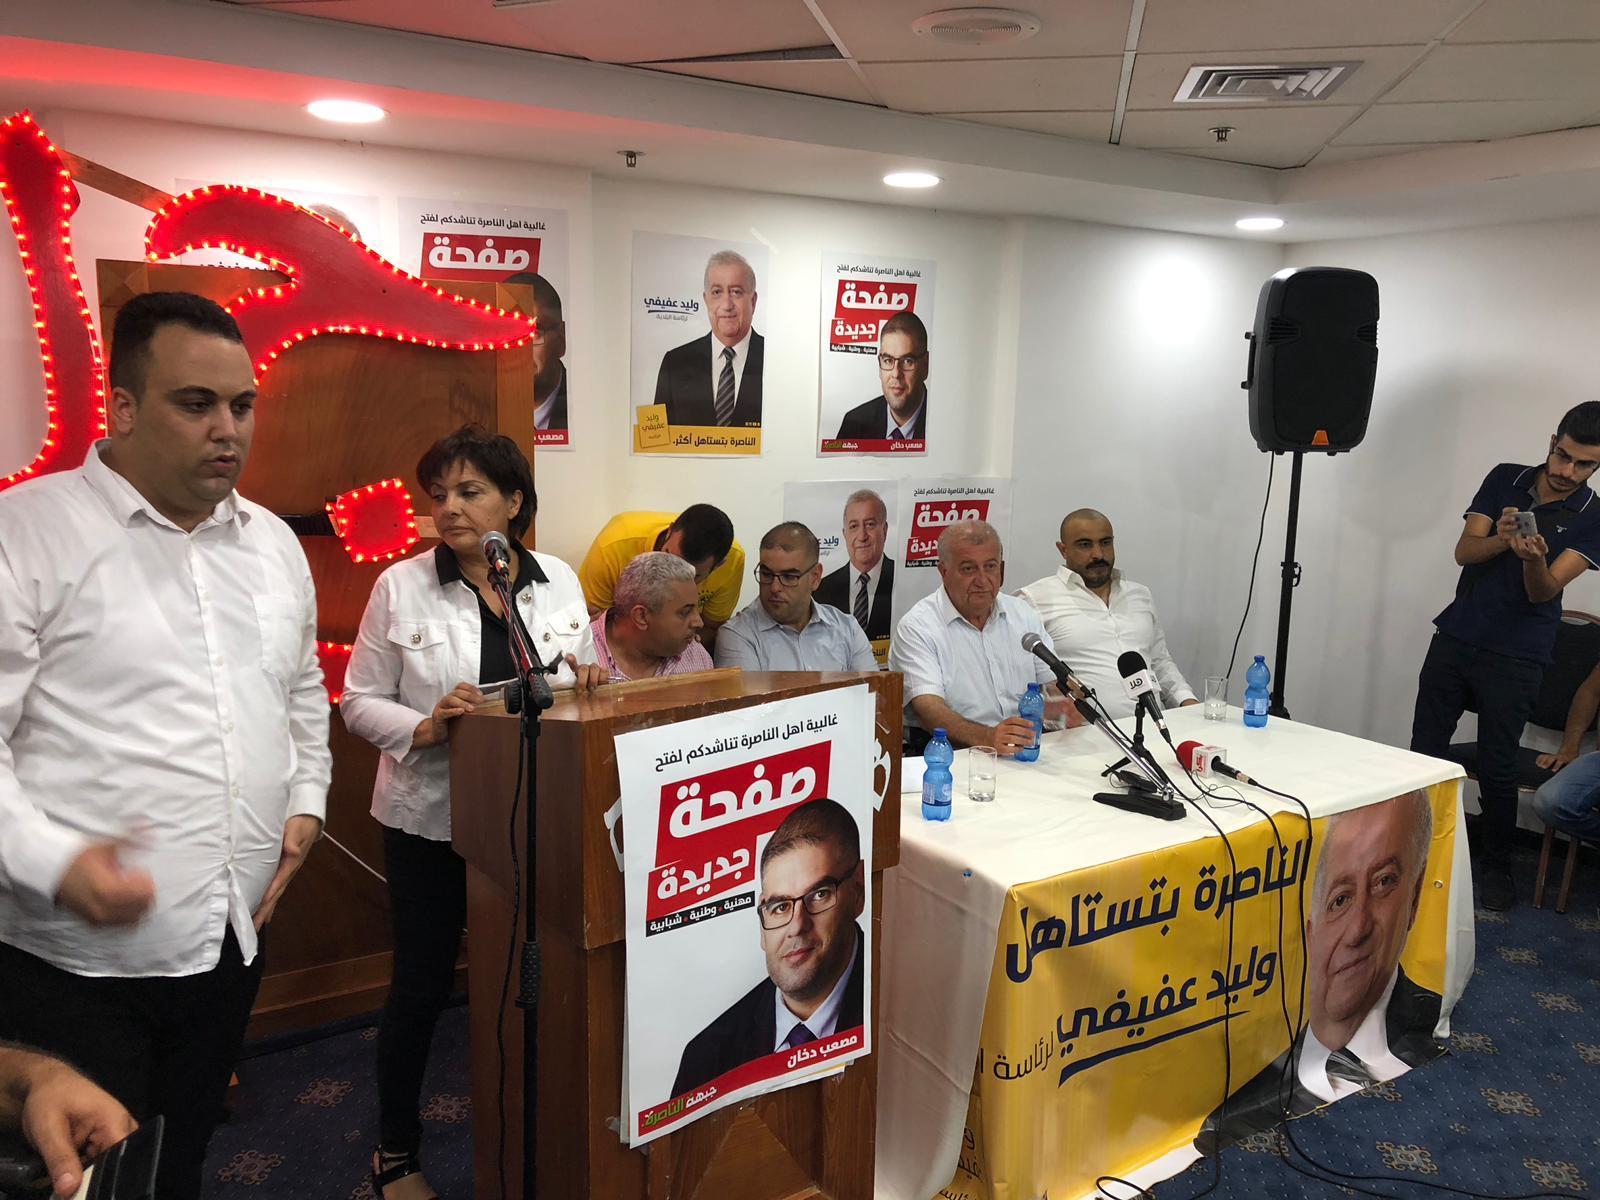 الناصرة: انسحاب مرشح الجبهة لصالح وليد العفيفي